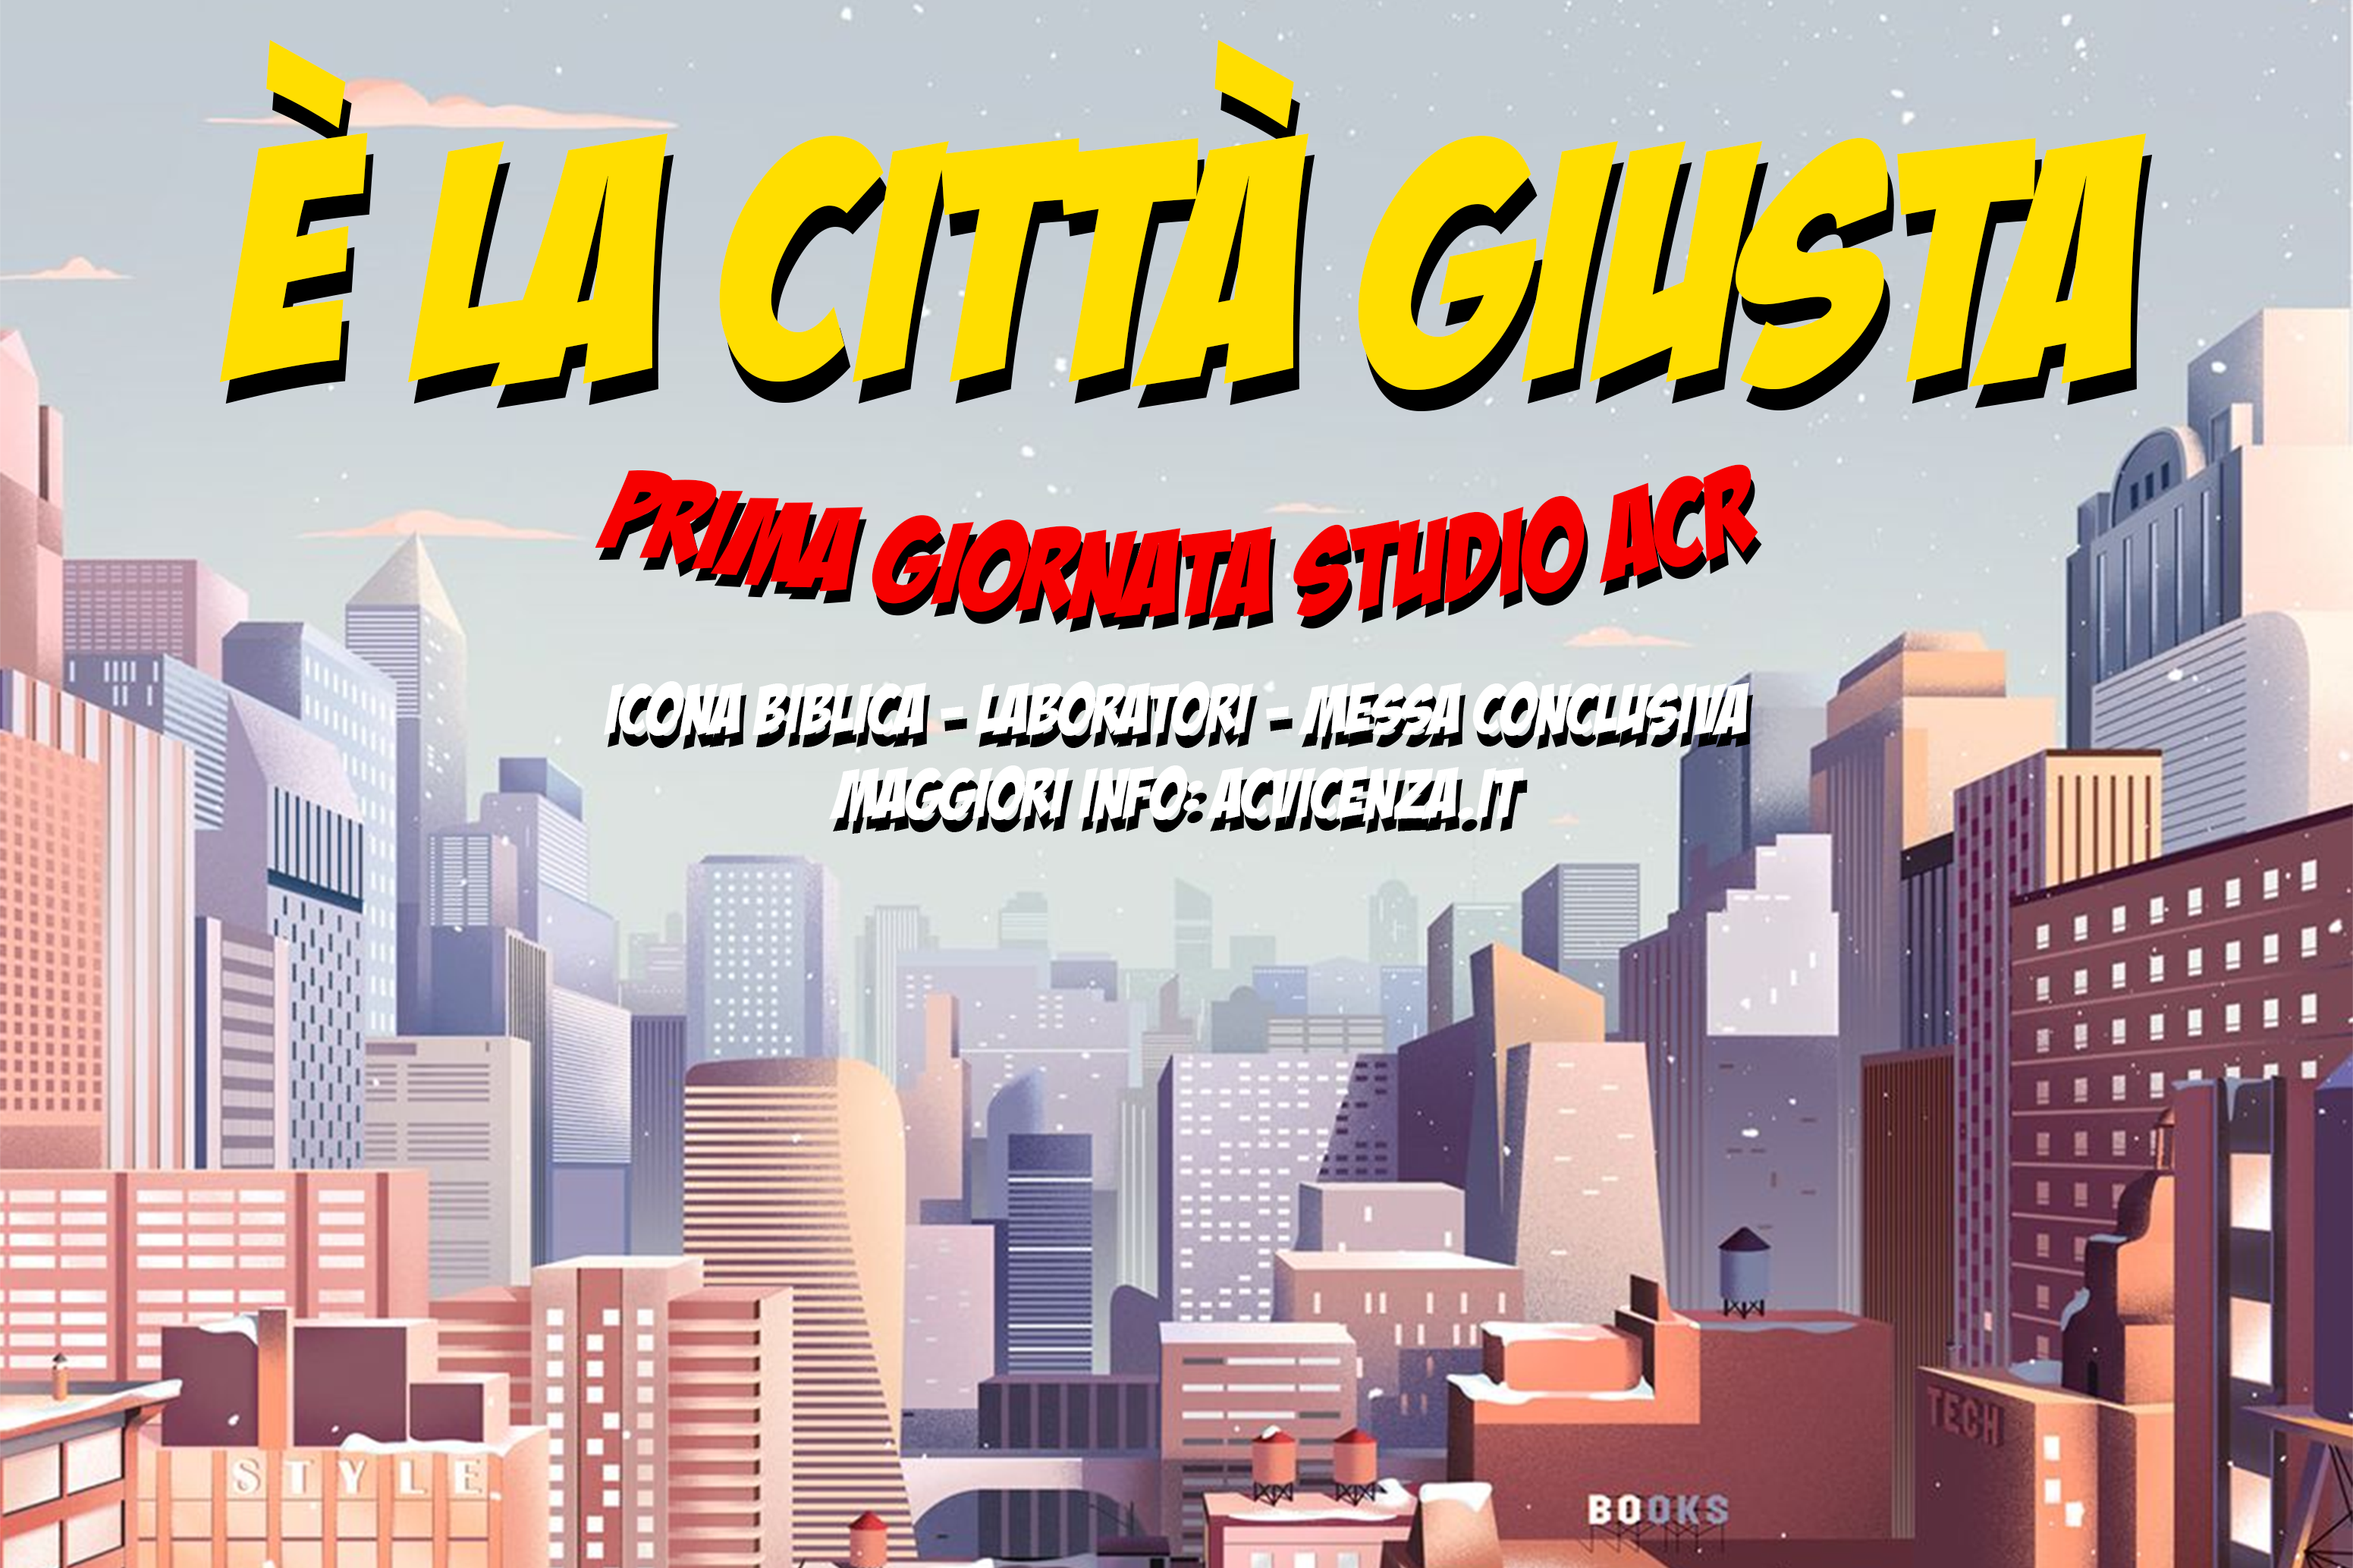 Prima GS Volantino 2019-20 Ritaglio Sito